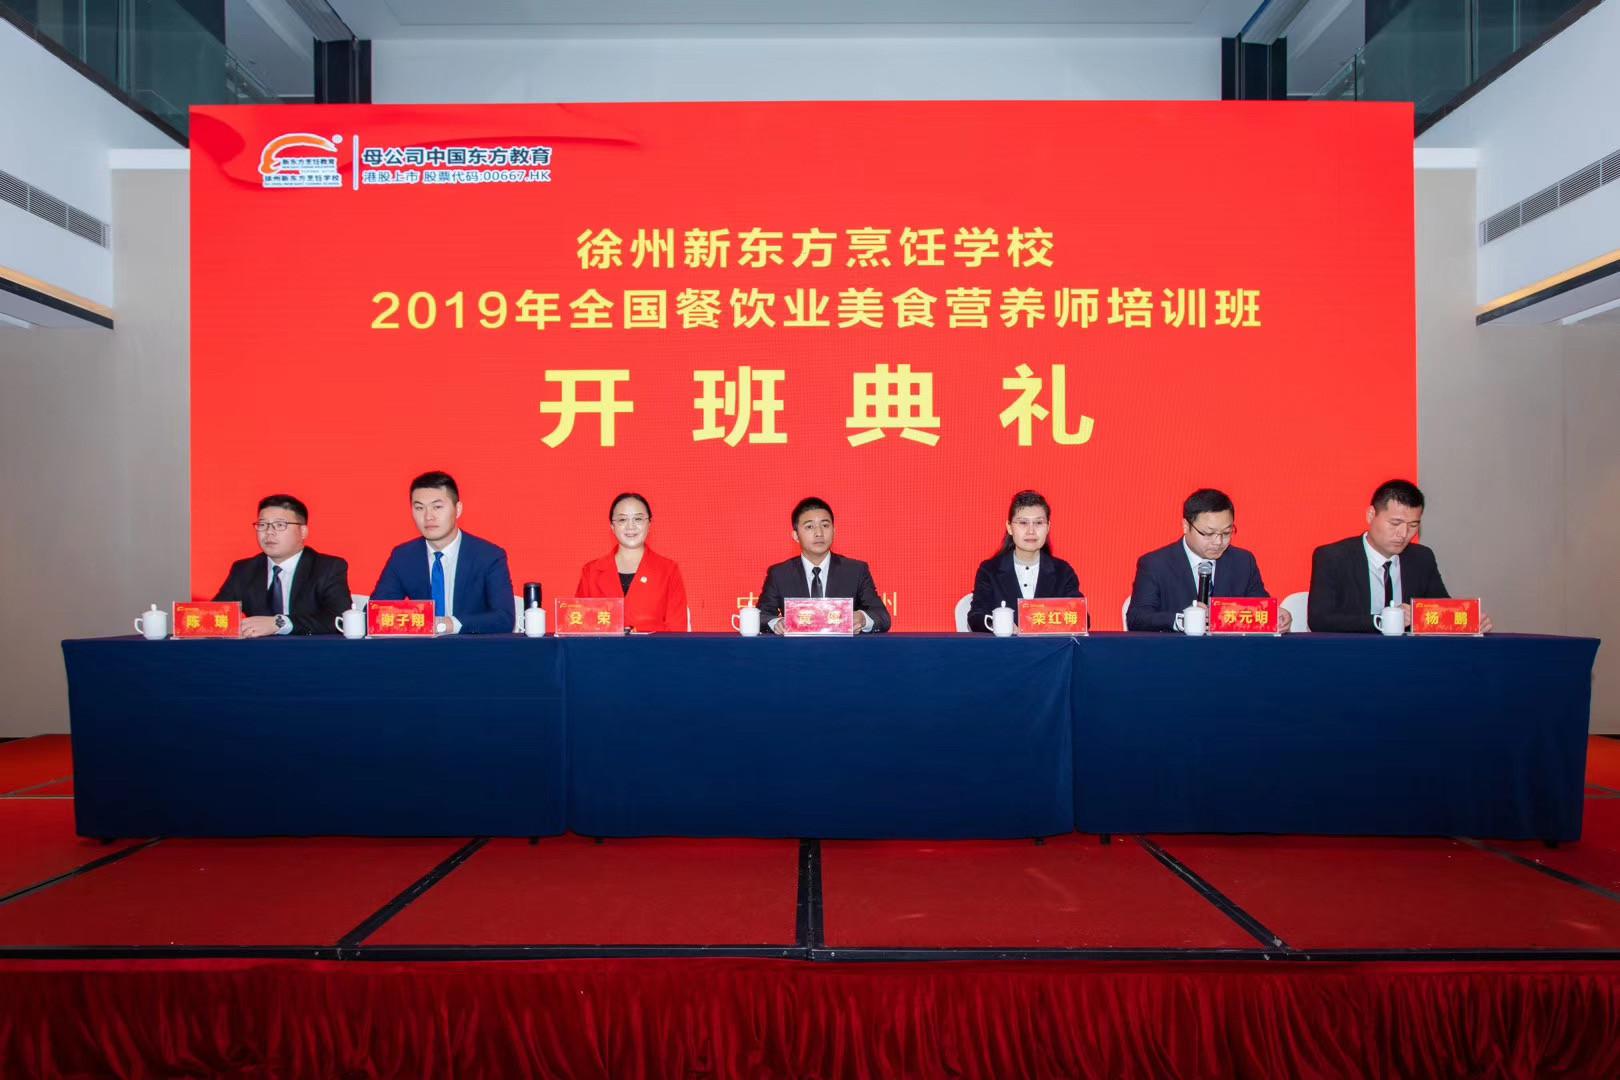 徐州新东方烹饪学校2019年全国餐饮行业美食